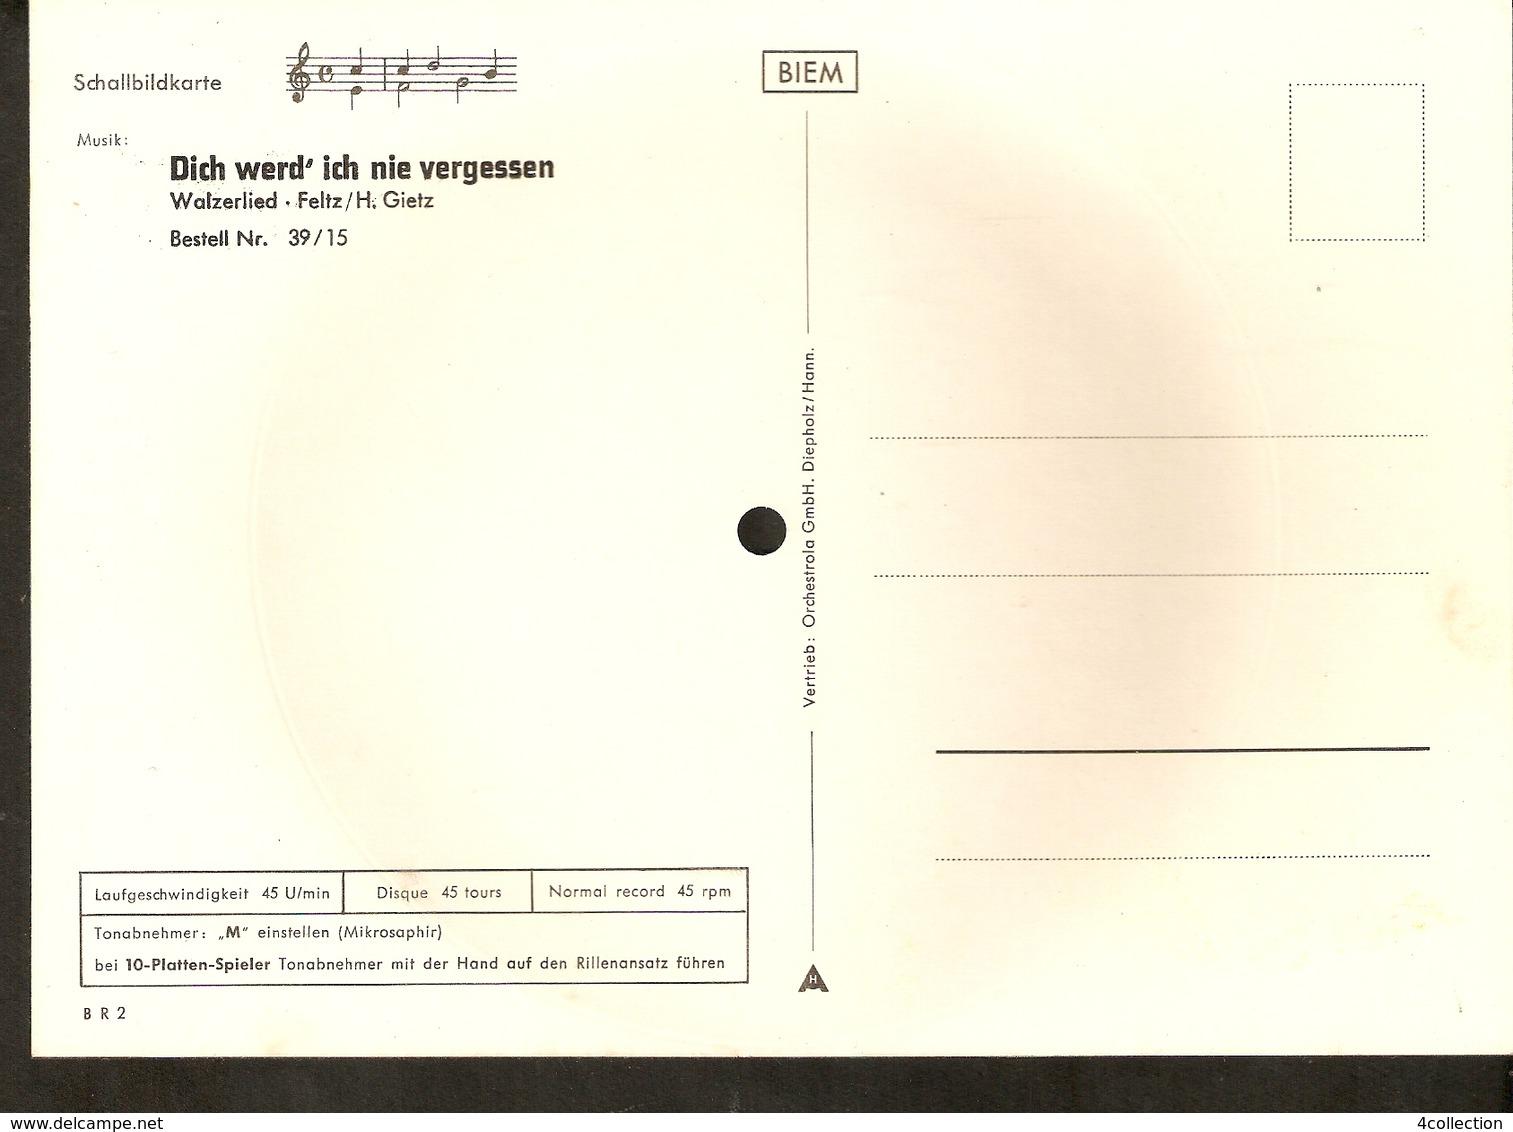 Old Musical 45rpm Record Postcard Schallbildkarte Roses Walzerlied Feltz Gietz Dich Werd' Ich Nie Vergessen - Unclassified